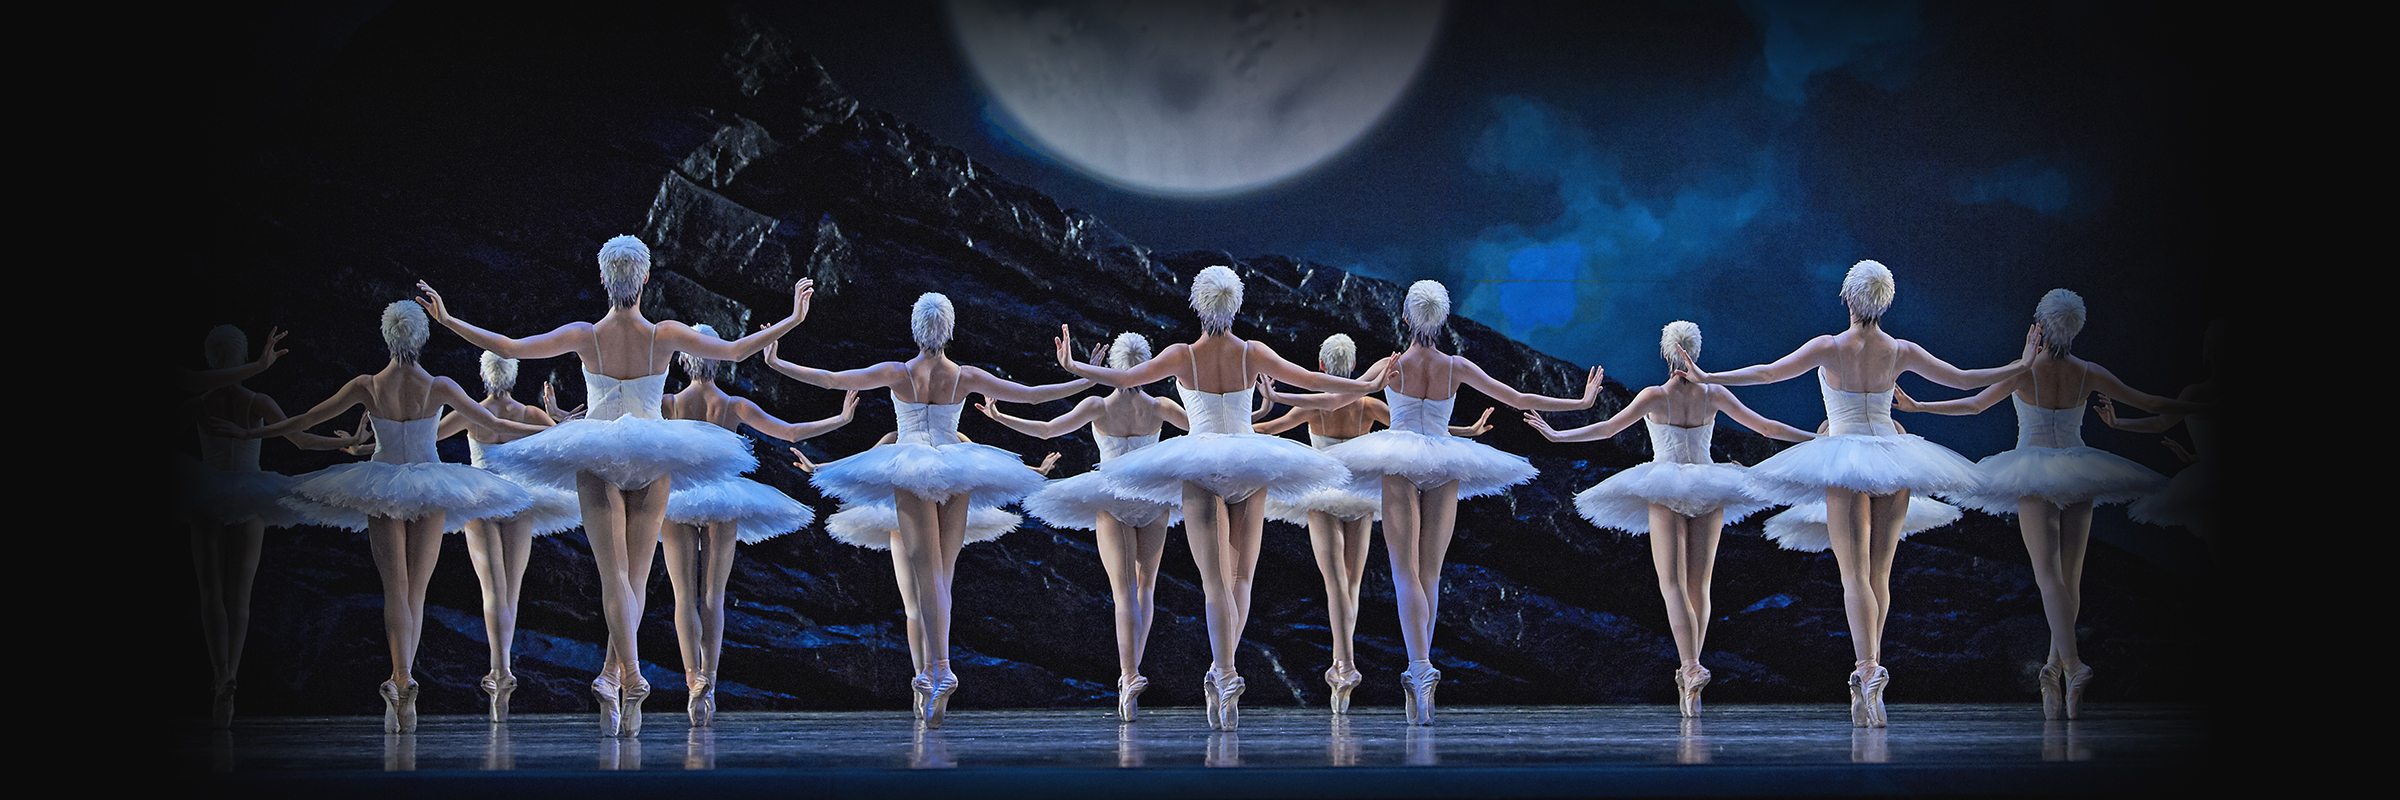 San Francisco Ballet in Tomasson's Swan Lake